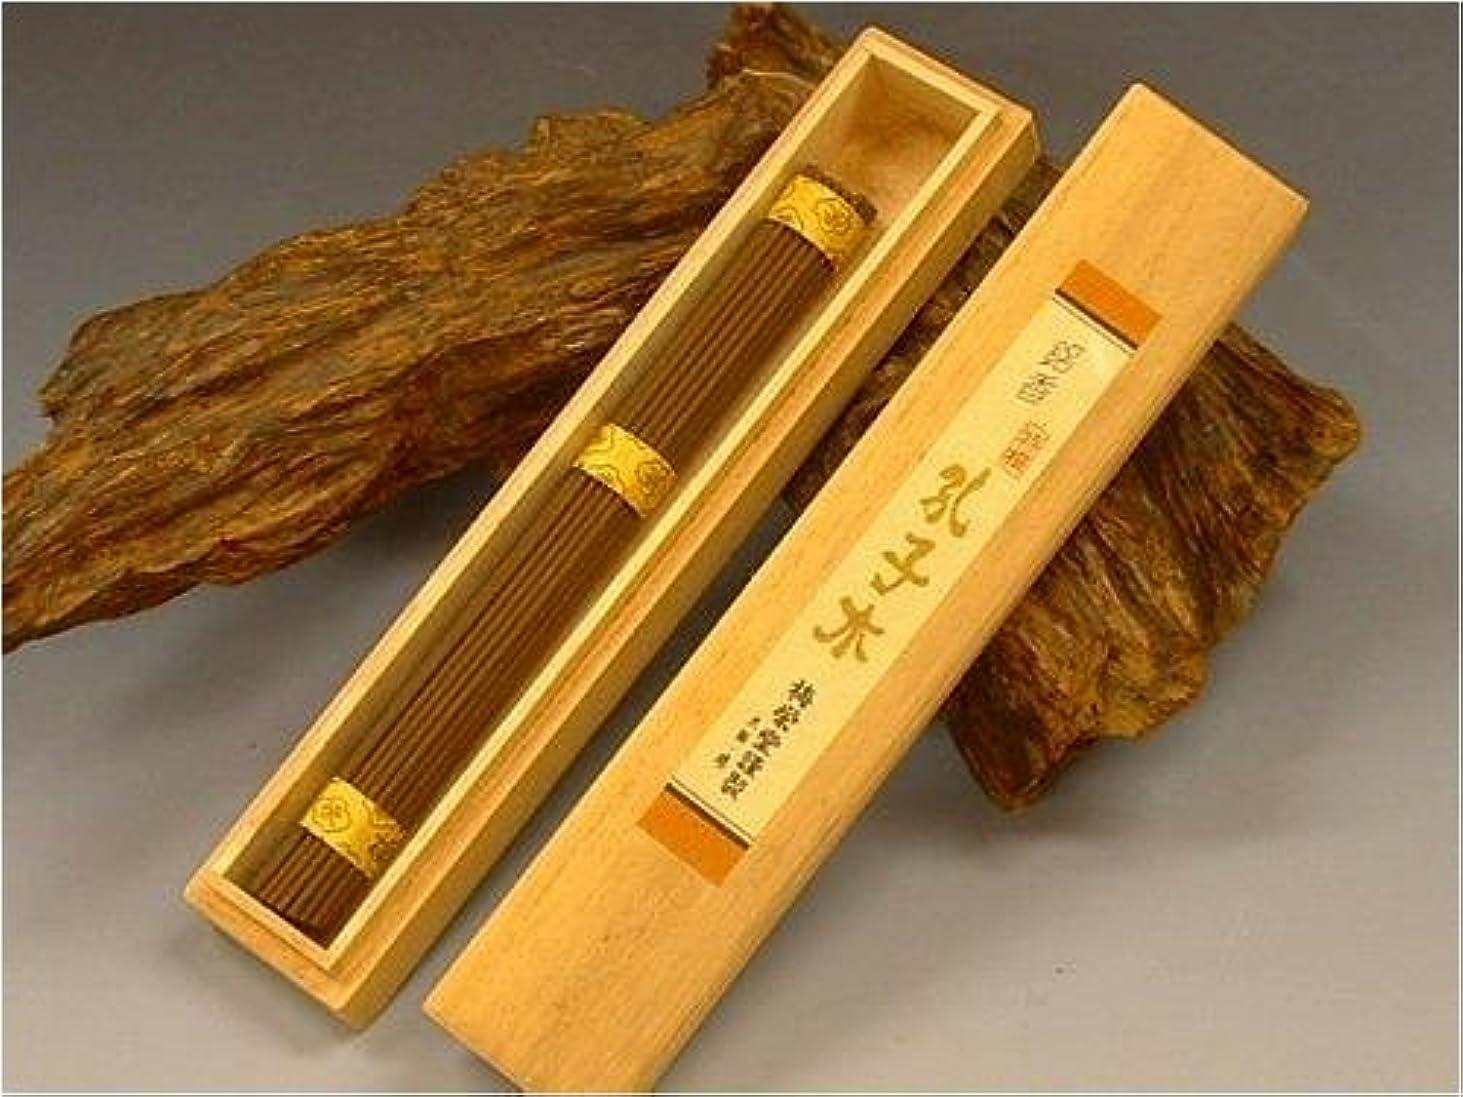 告白する物理的なシンポジウム特撰孔子木 中寸1把入り上桐箱